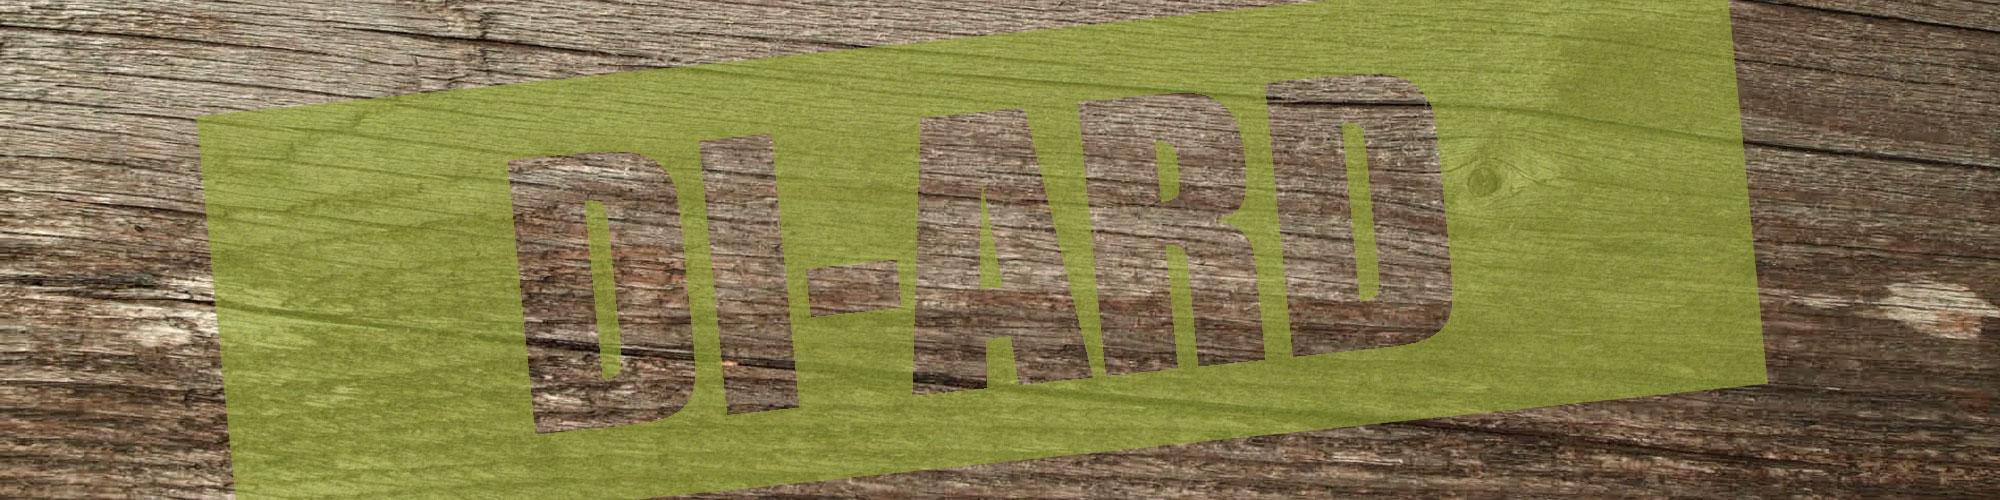 Di-Ard algae remover